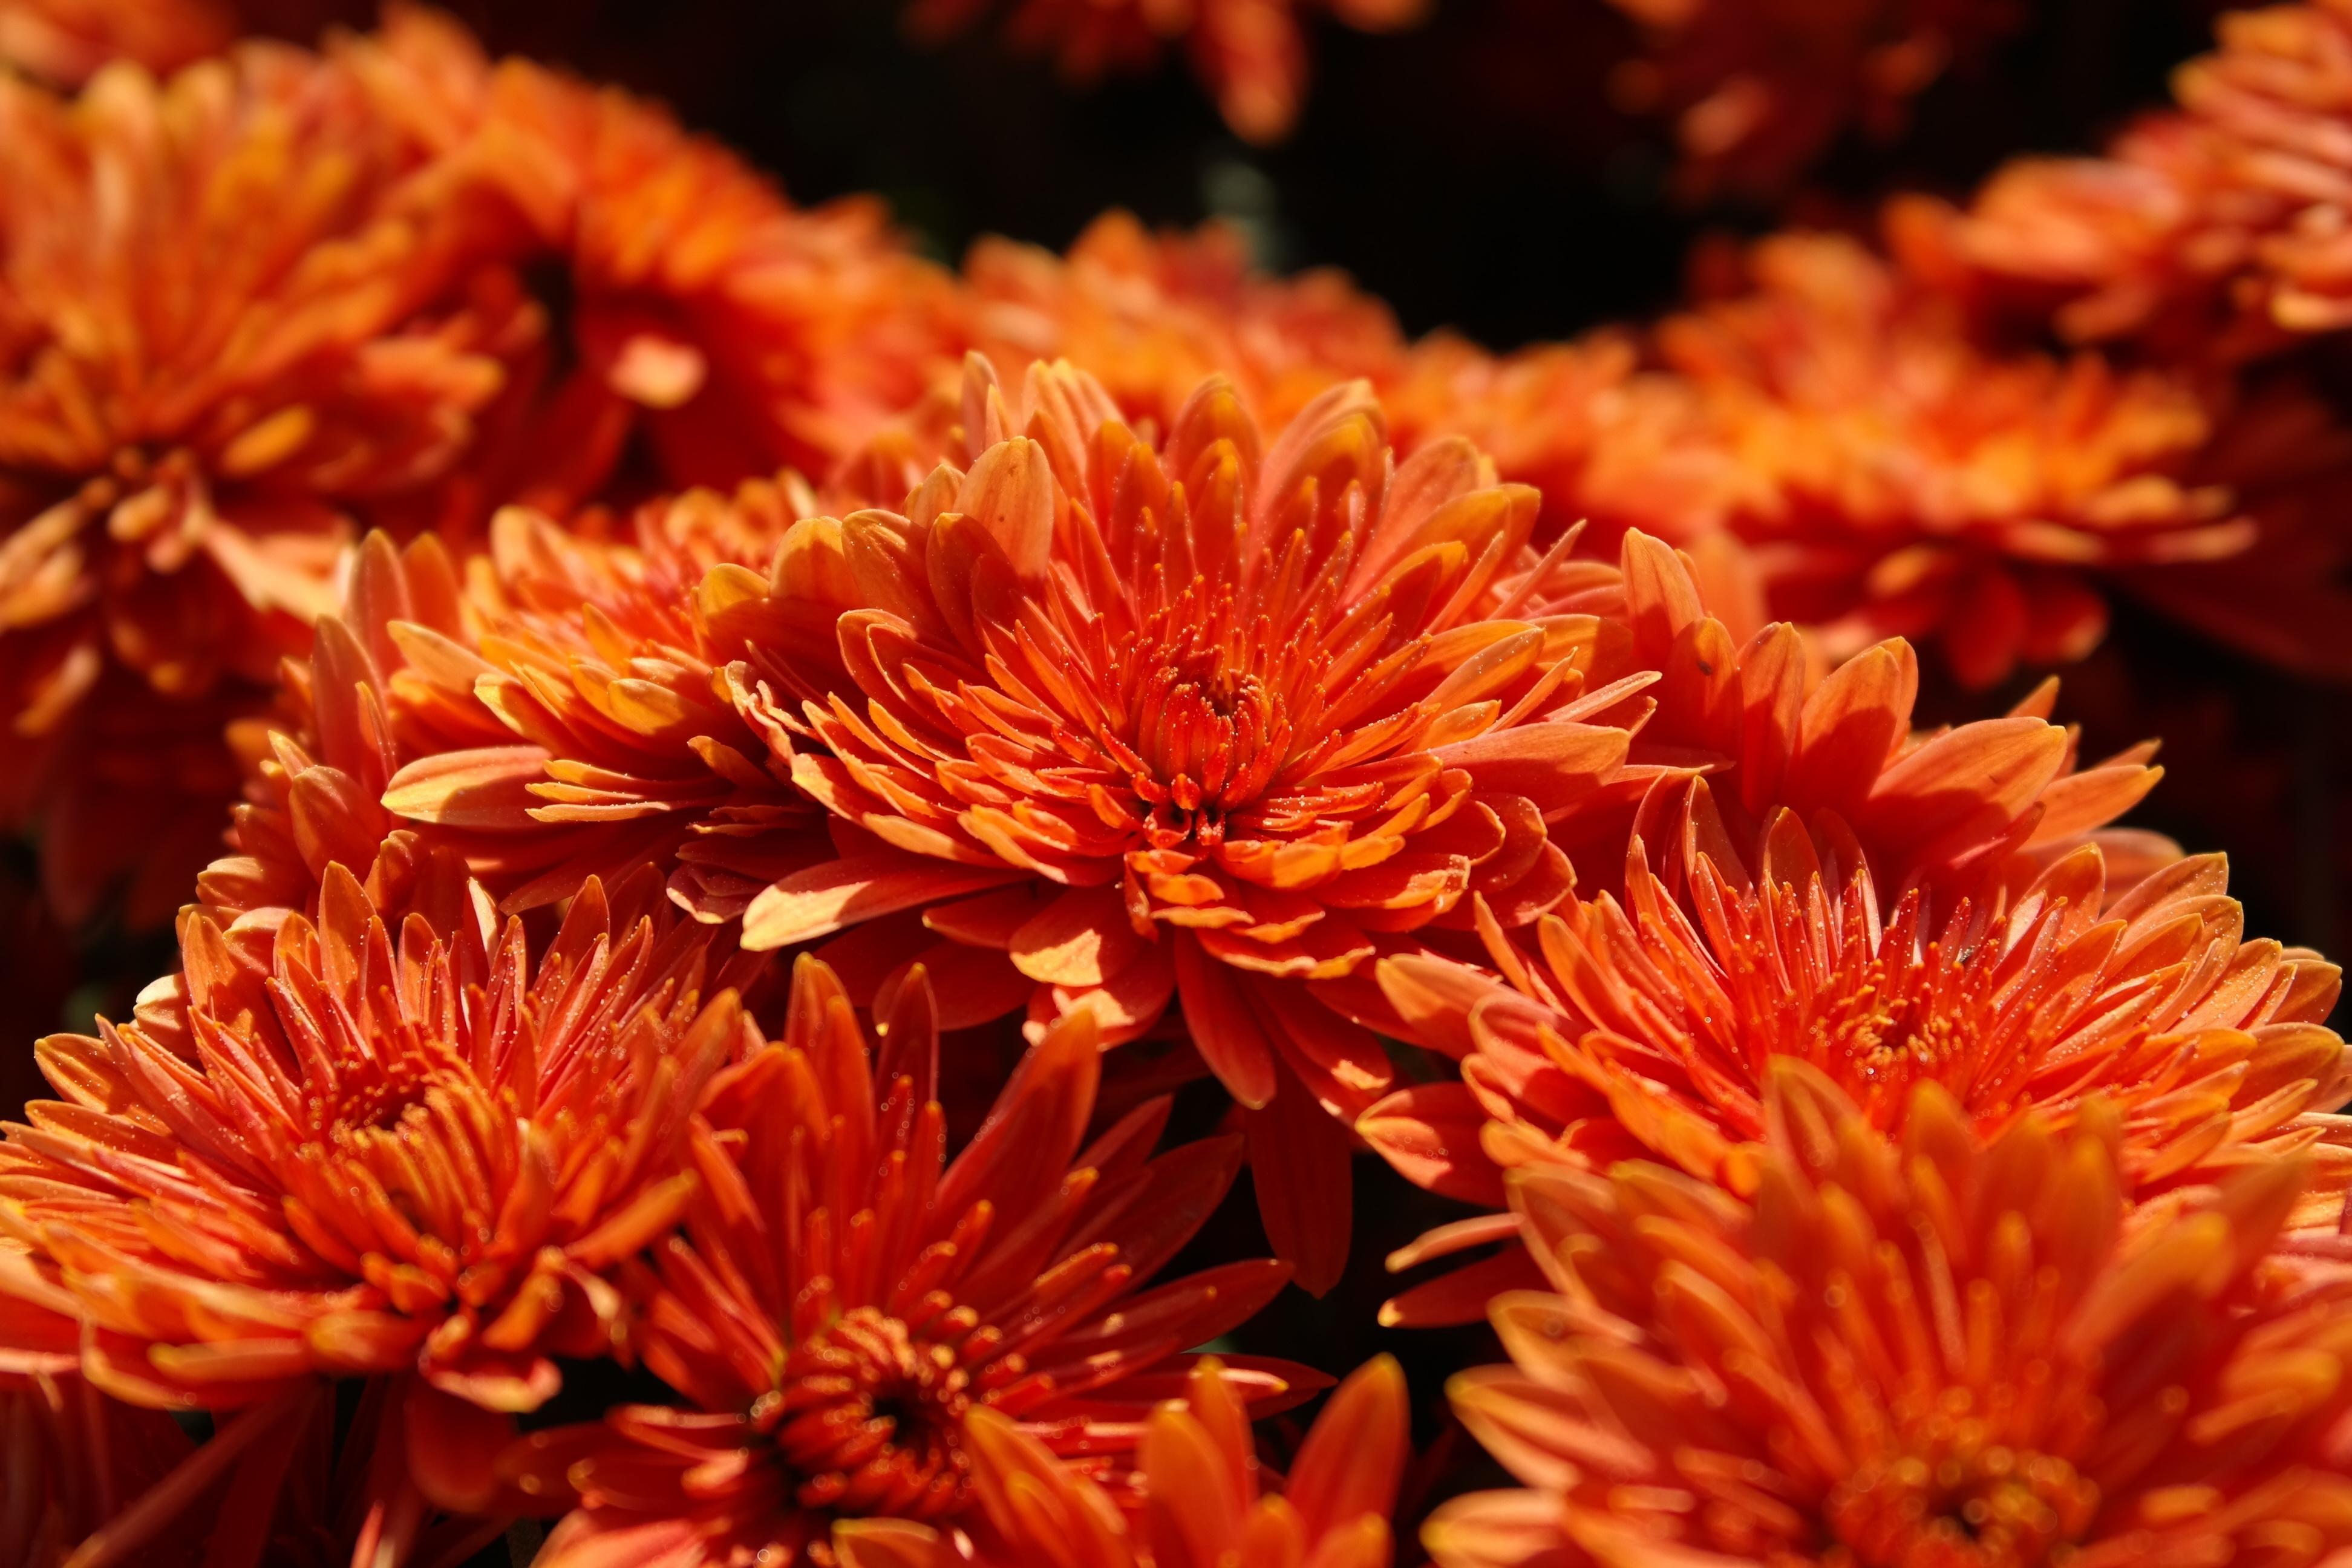 осенний цветок фото арт очертания